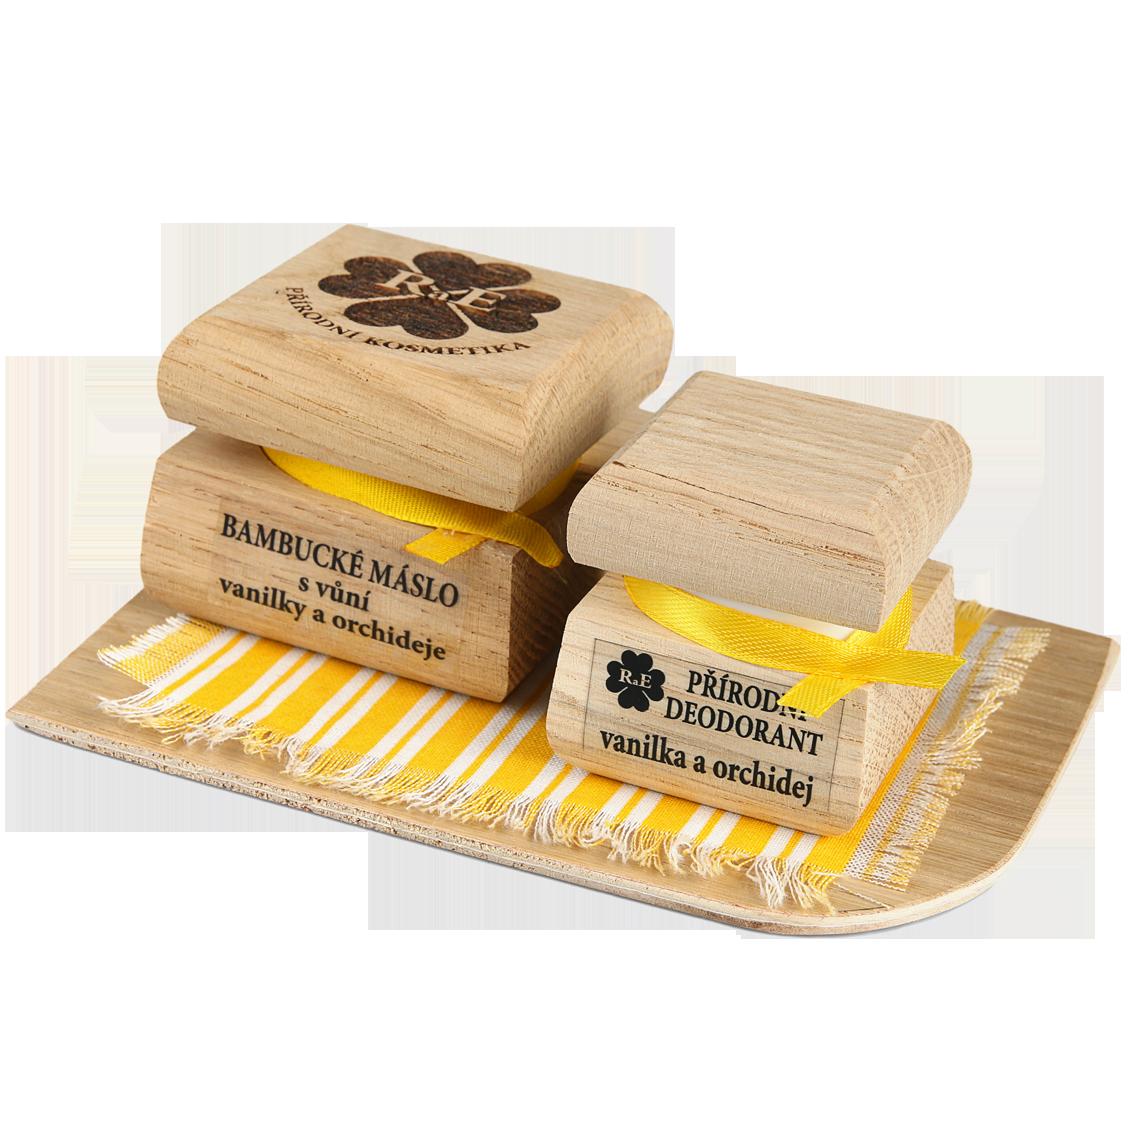 Bambucké tělové máslo 50 ml + Krémový deodorant Nature 15 ml - Vanilka a orchidej